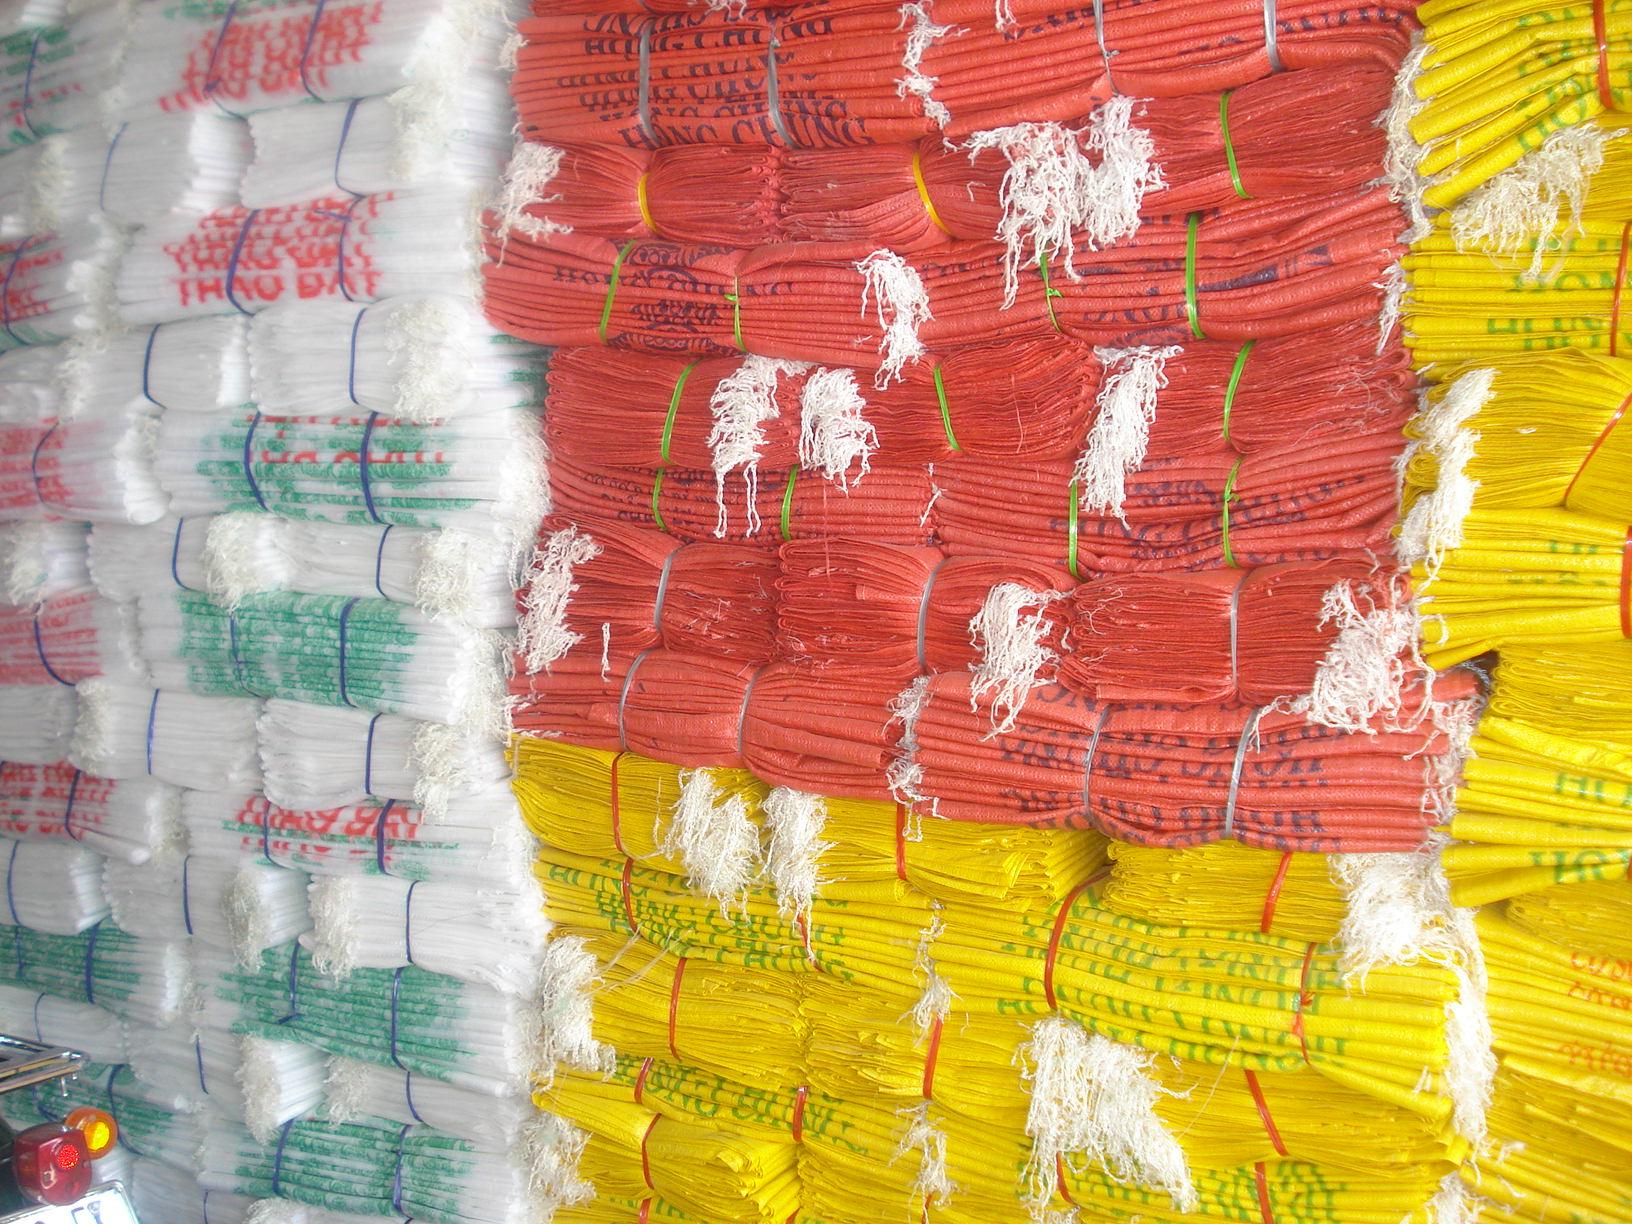 Các loại bao bì phế liệu được thu mua trên thì trường